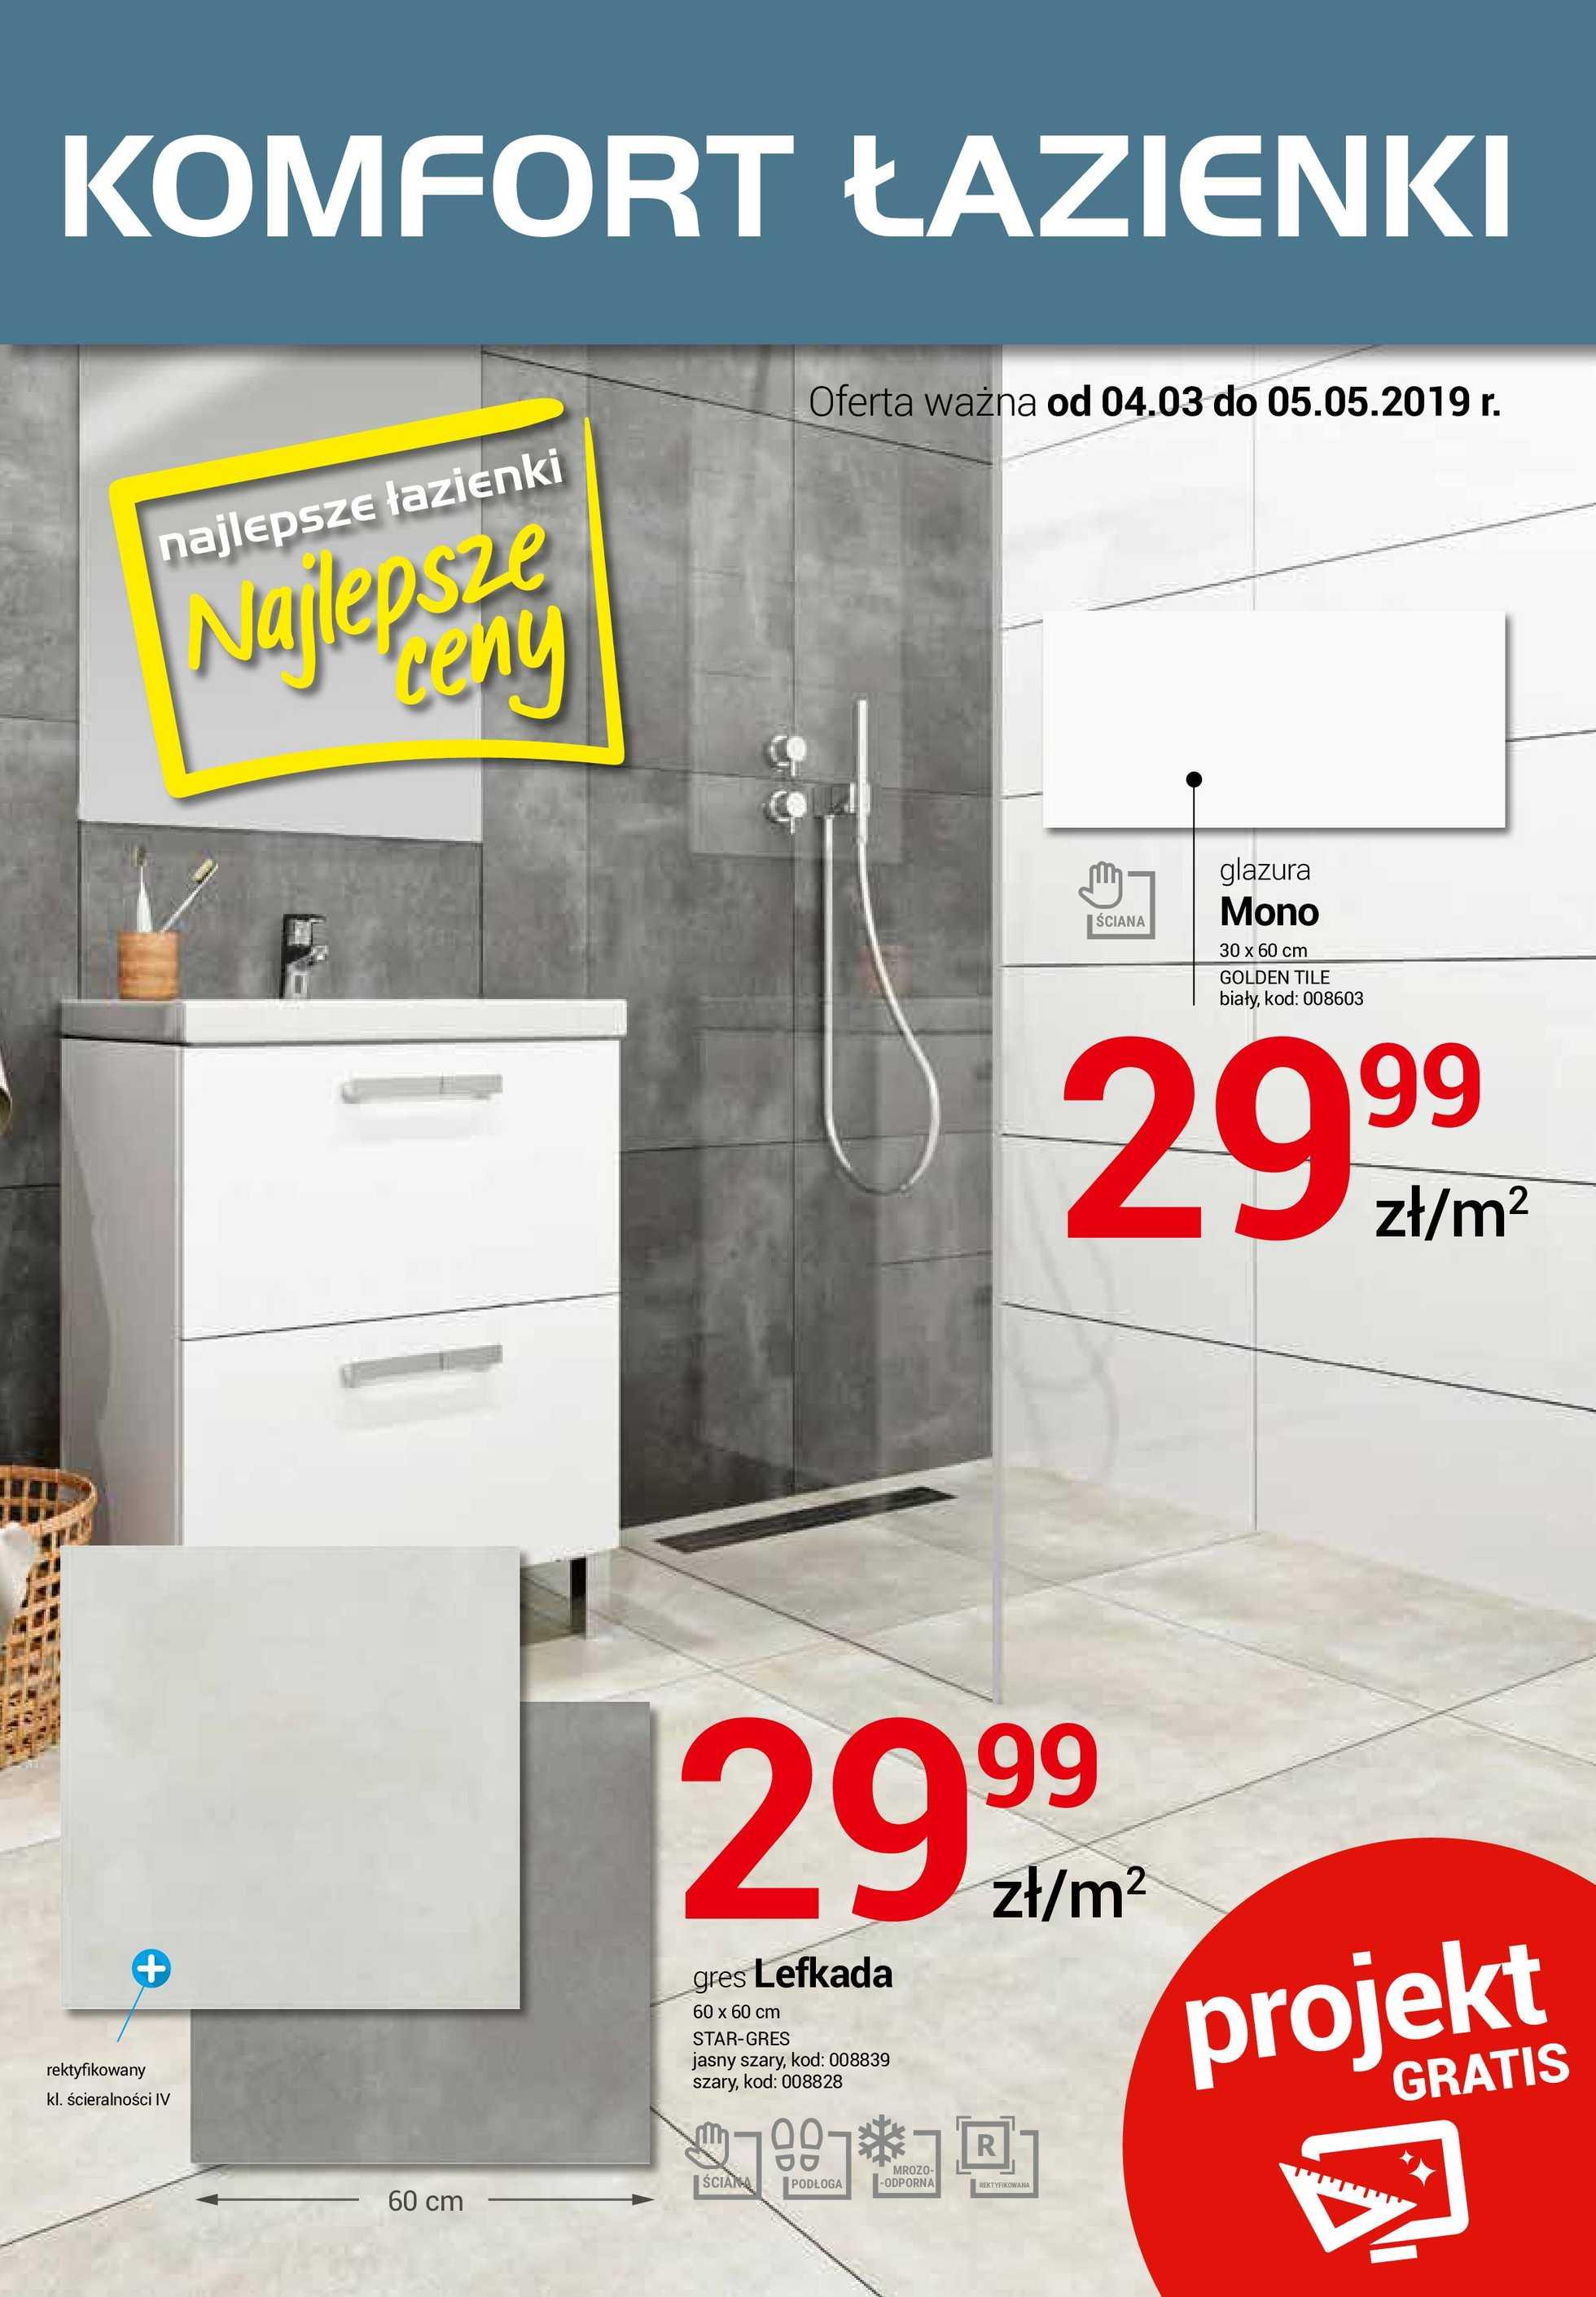 Komfort łazienki Gazetka Promocyjna 04 03 2019 Gazetkowopl